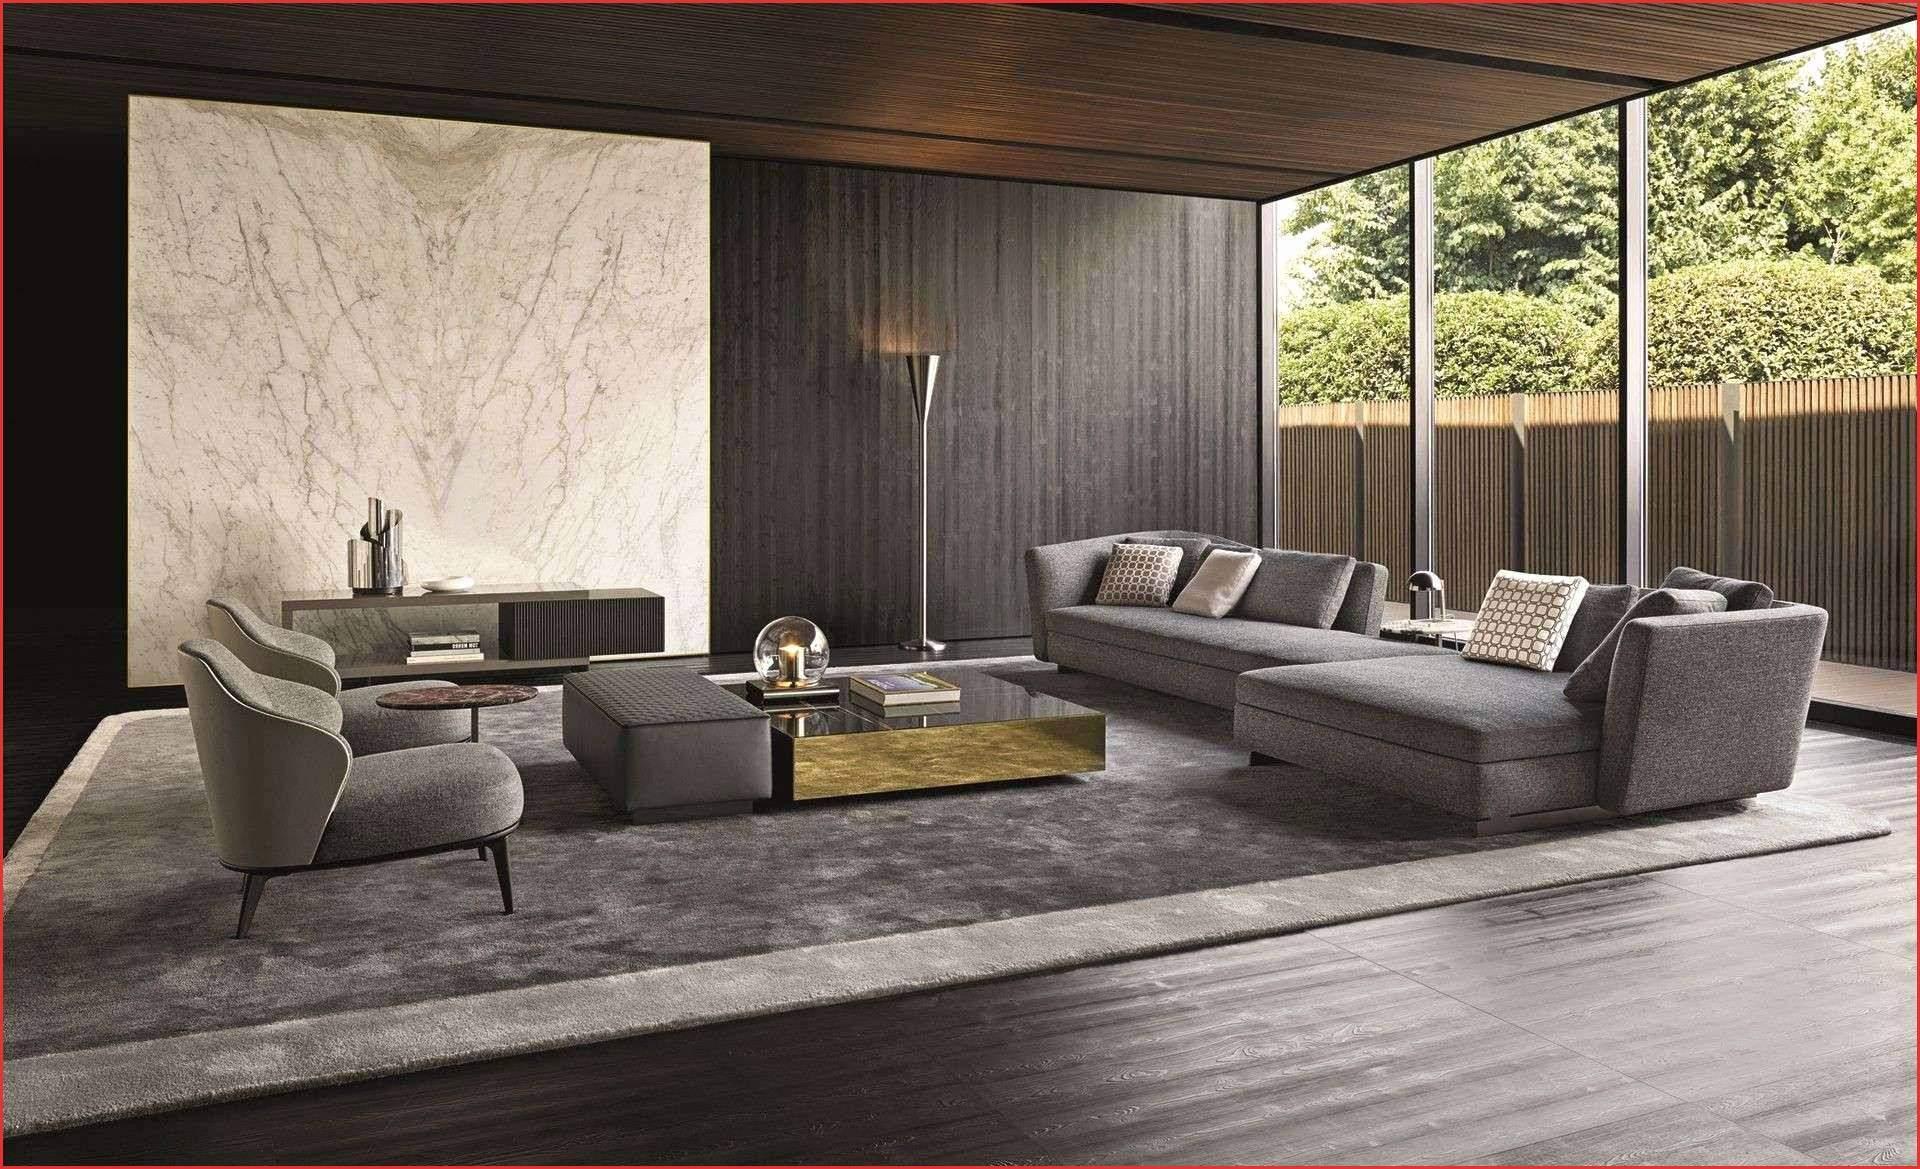 wohnzimmer im landhausstil das beste von schon wohnzimmer deko landhaus ideen of wohnzimmer im landhausstil